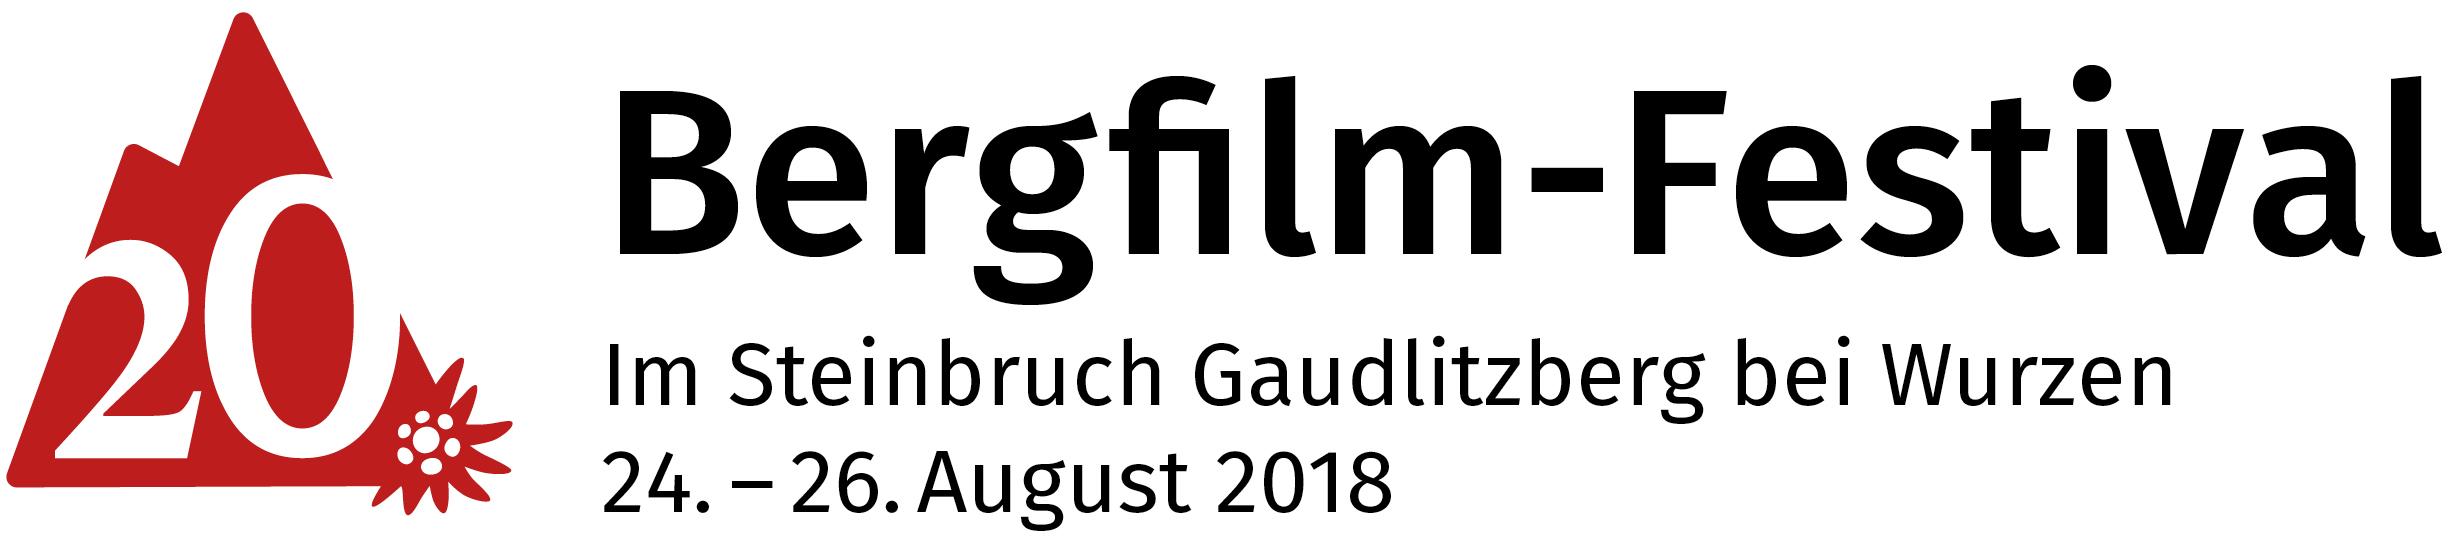 Das Bergfilm-Festival